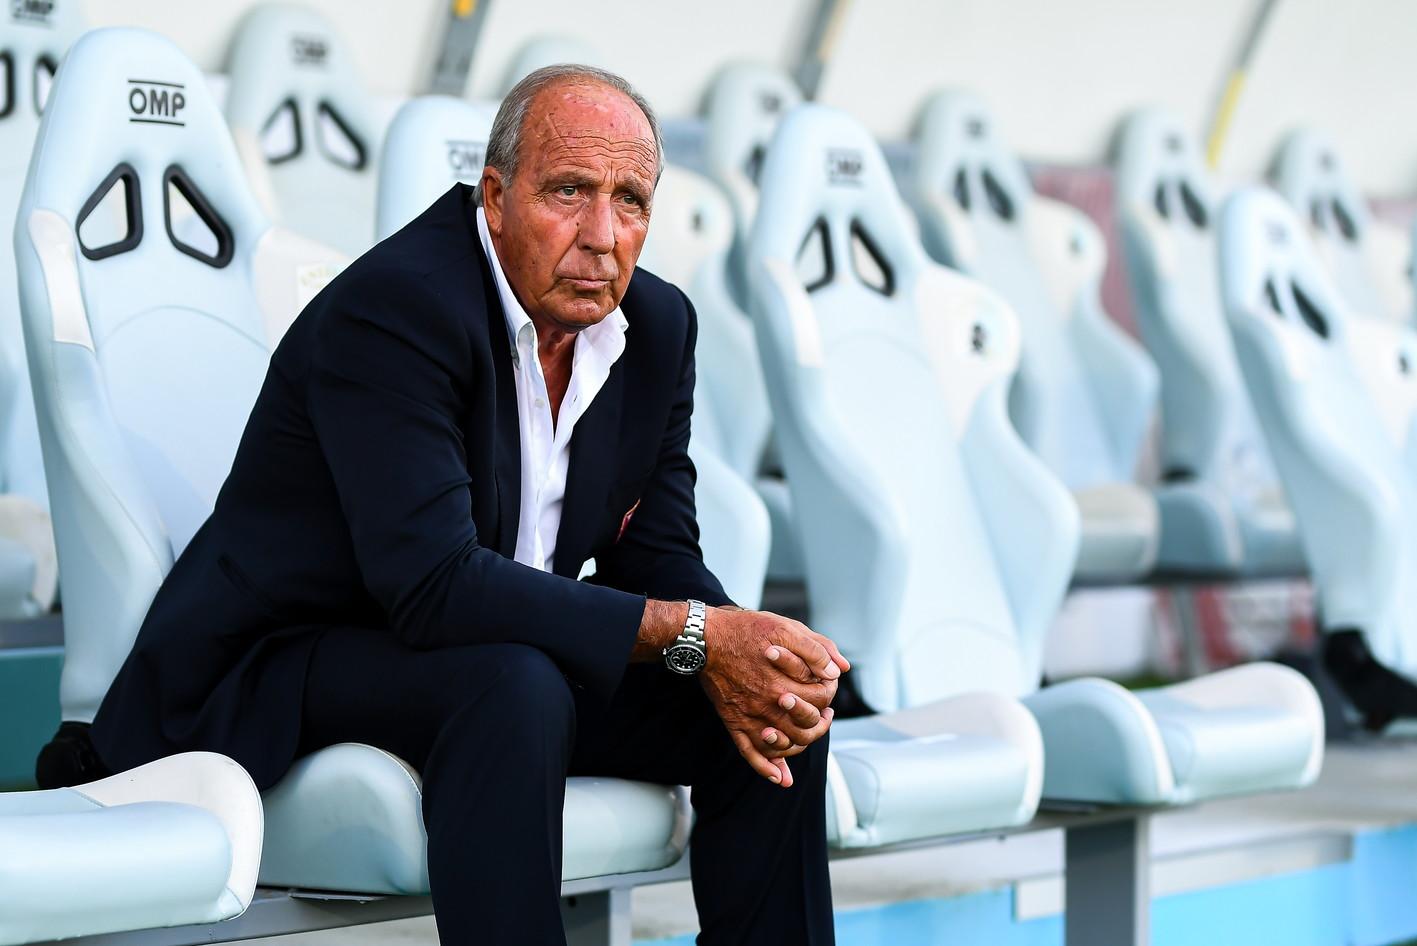 Giampiero Ventura tornò ad allenare al Chievo dopo l'esperienza da allenatore della Nazionale conclusa senza Mondiale: durò 32 giorni